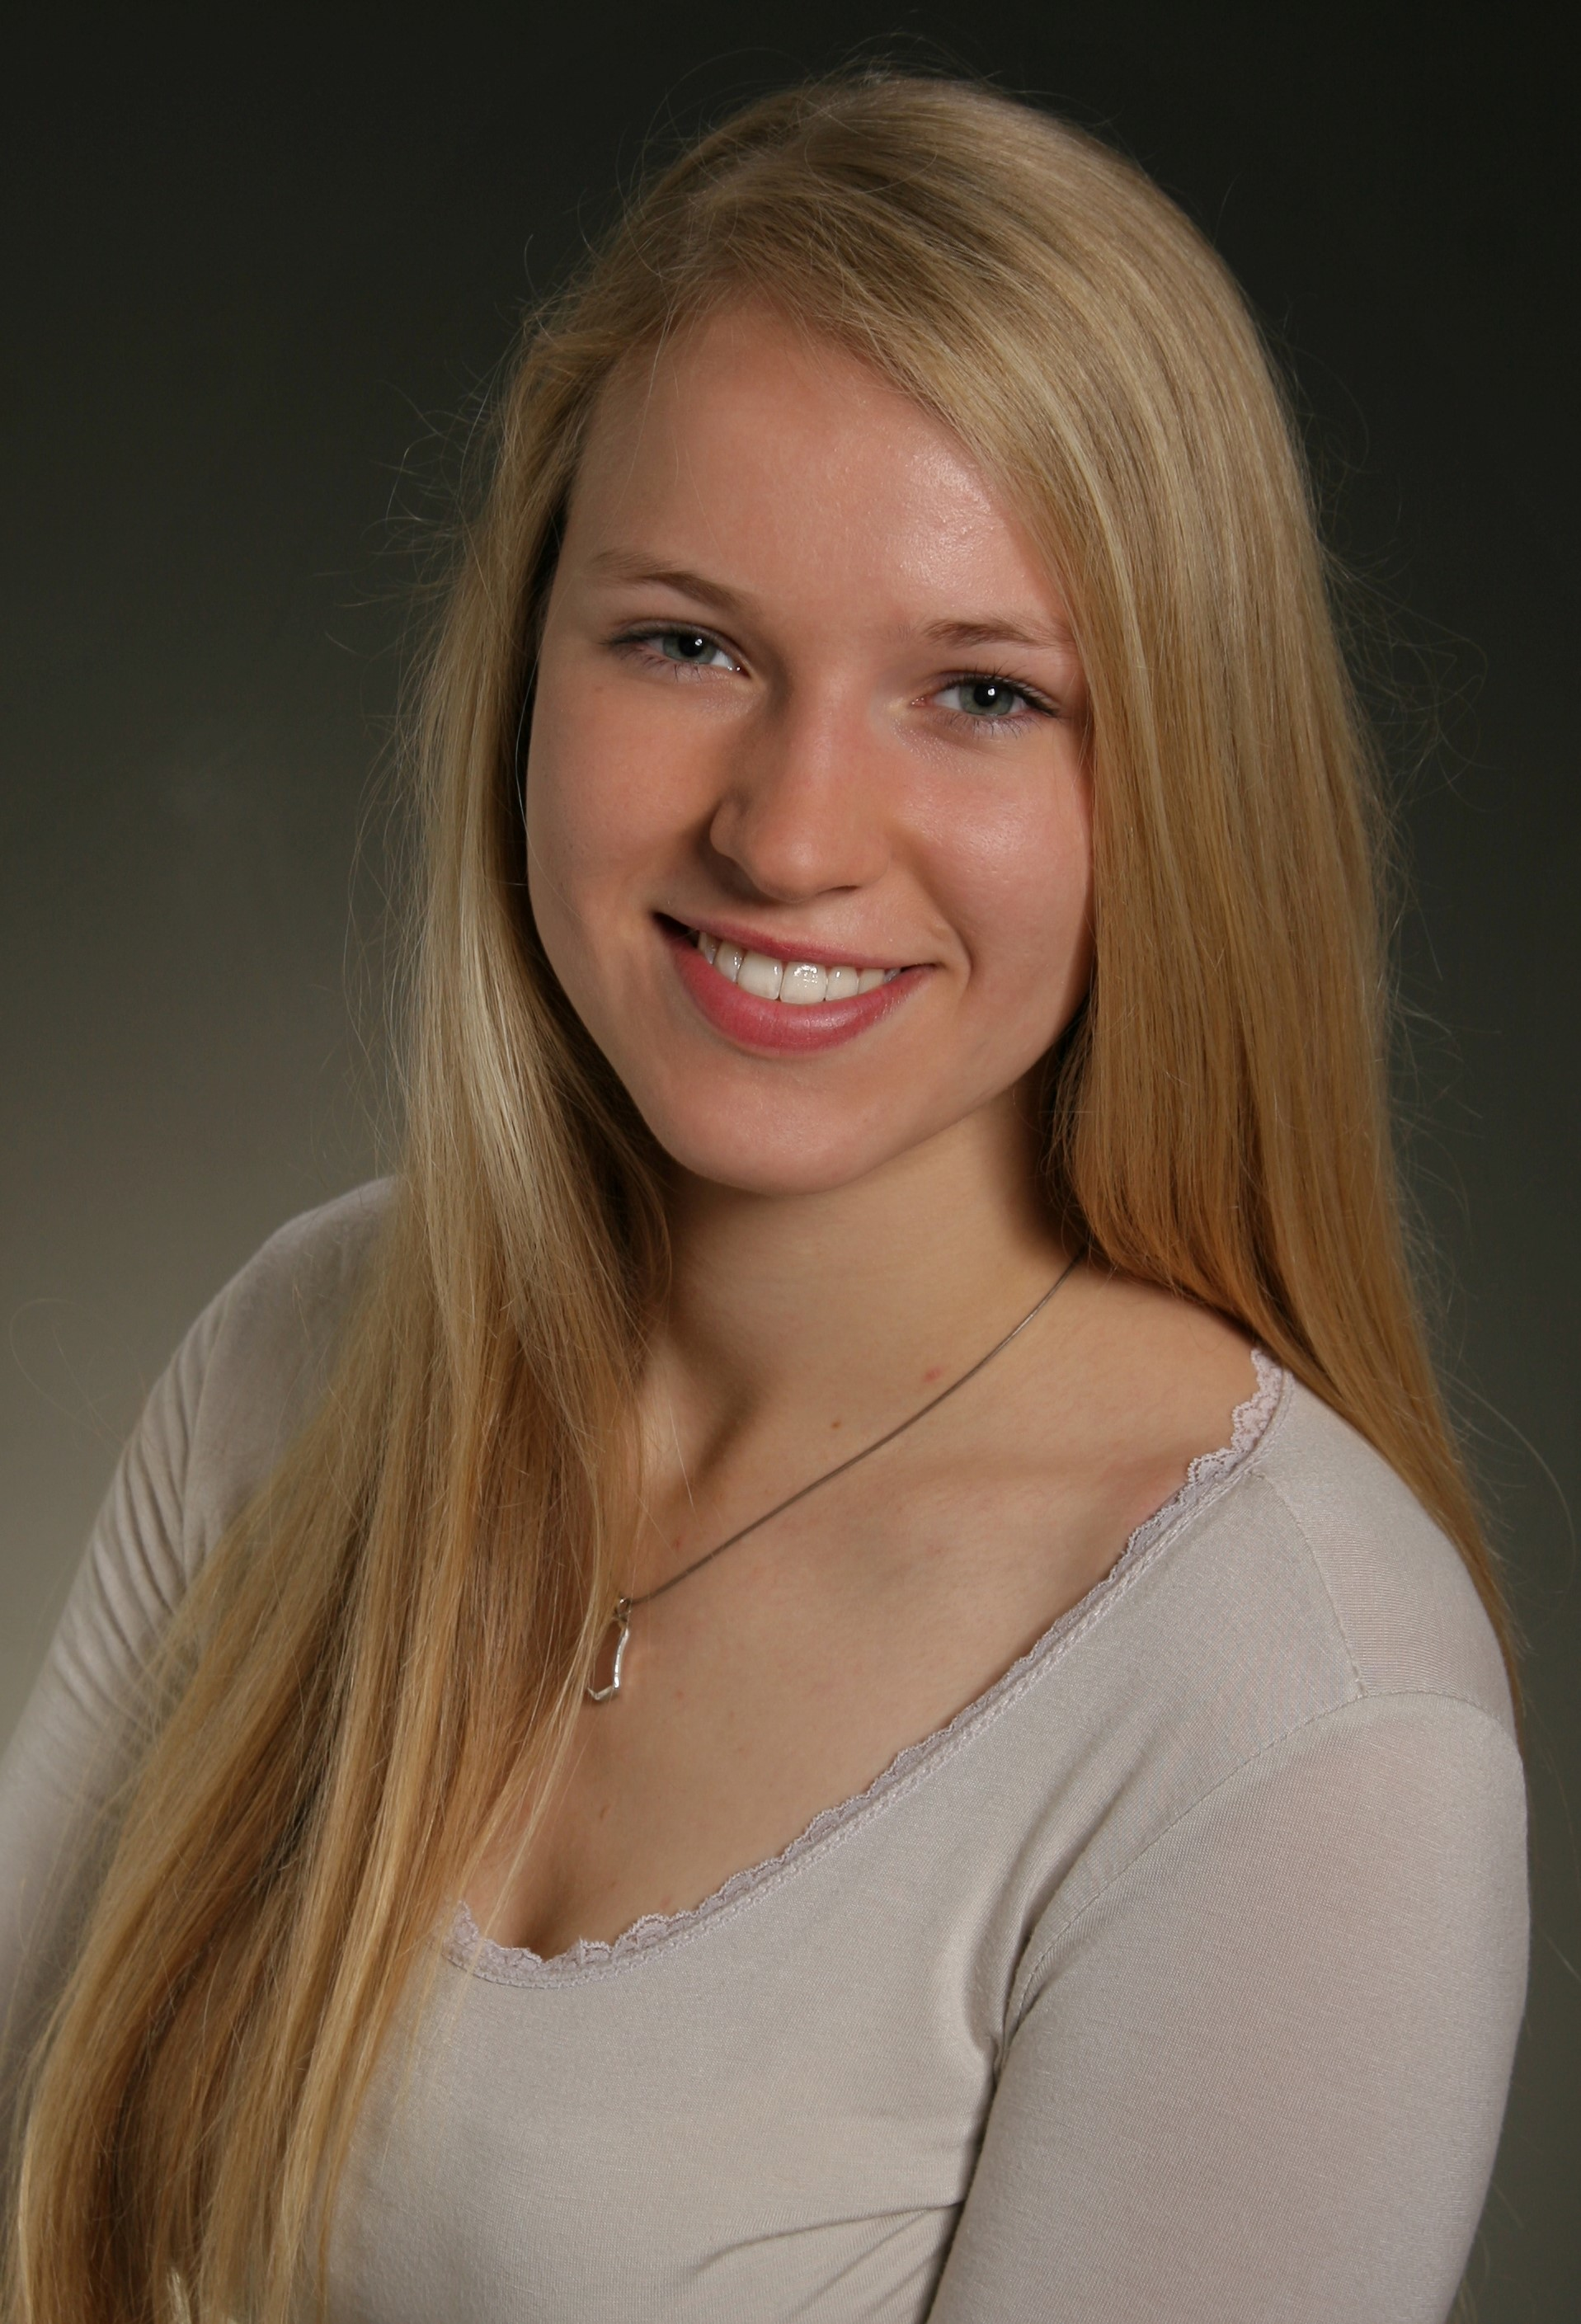 Freya Zacher